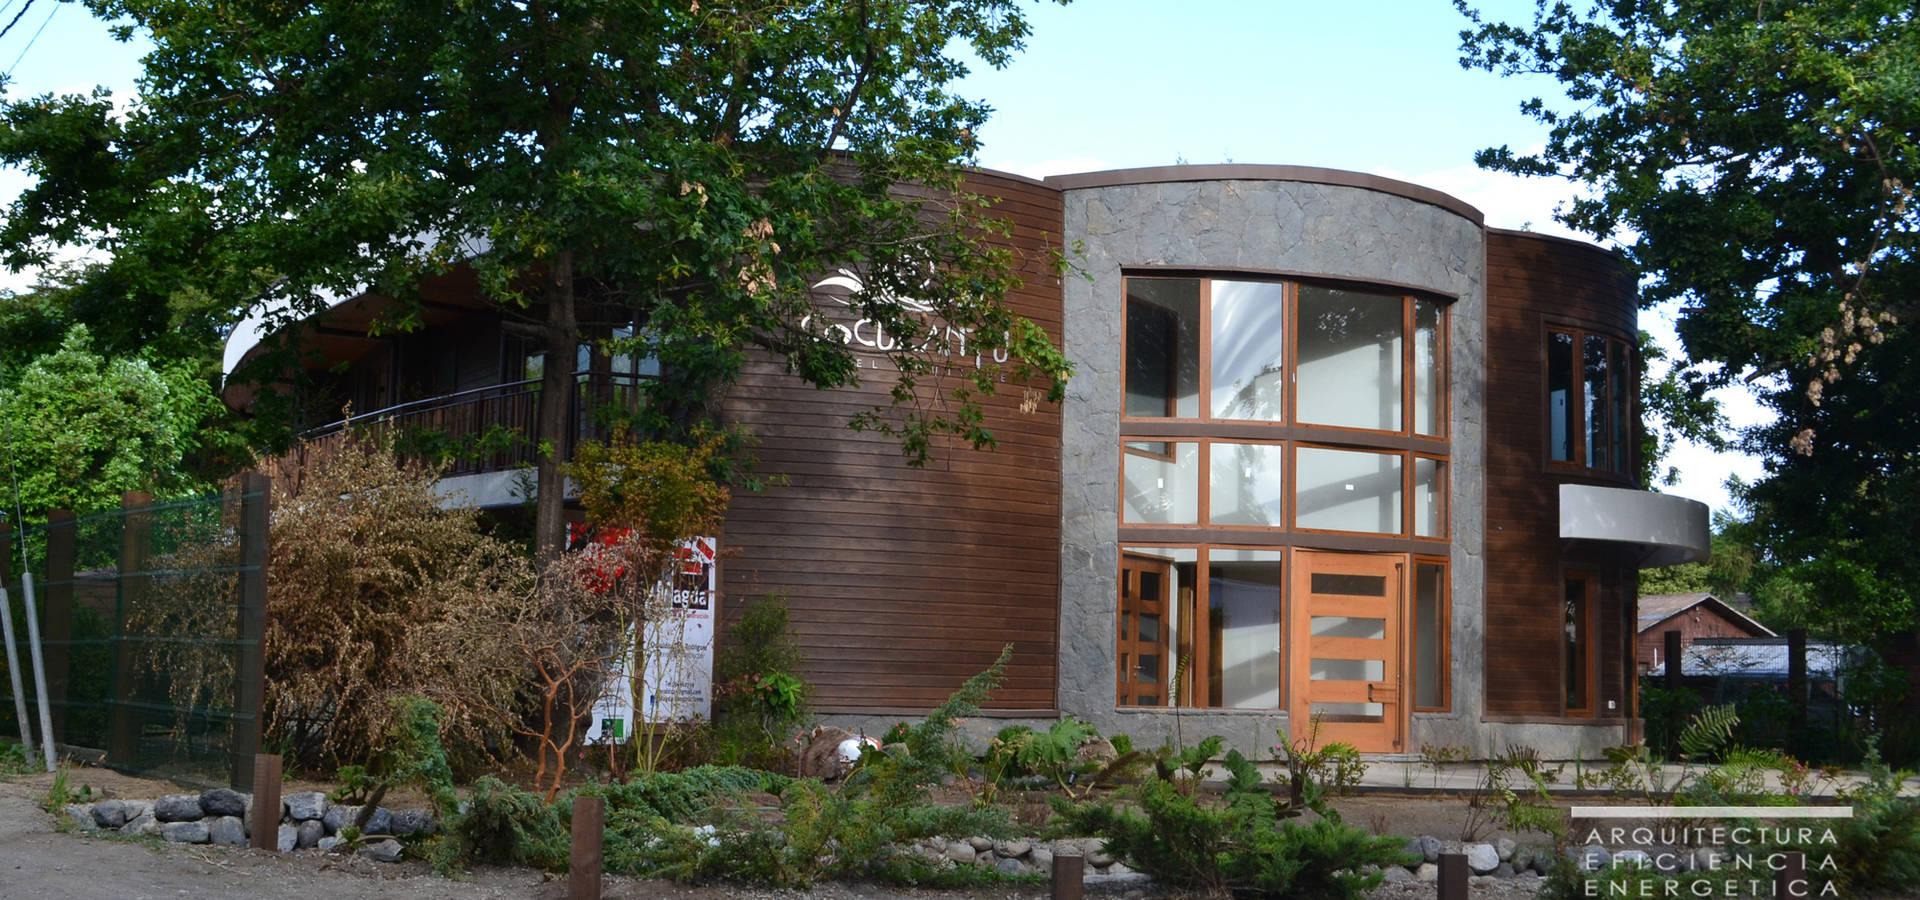 Bravo Schilling Arquitectura y Eficiencia Energética